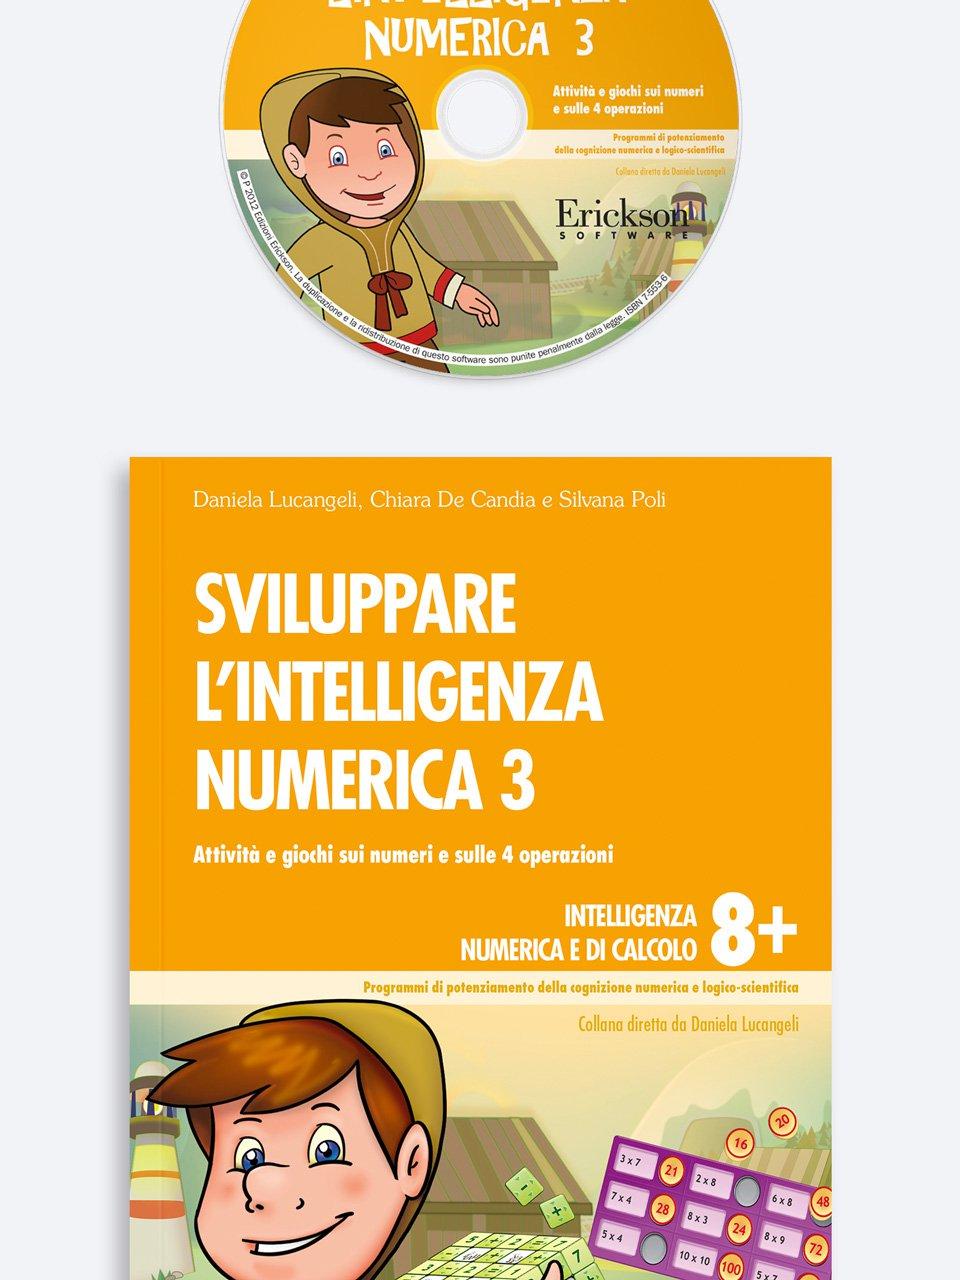 Sviluppare l'intelligenza numerica 3 - Test ABCA - Abilità di calcolo aritmetico - Libri - Erickson